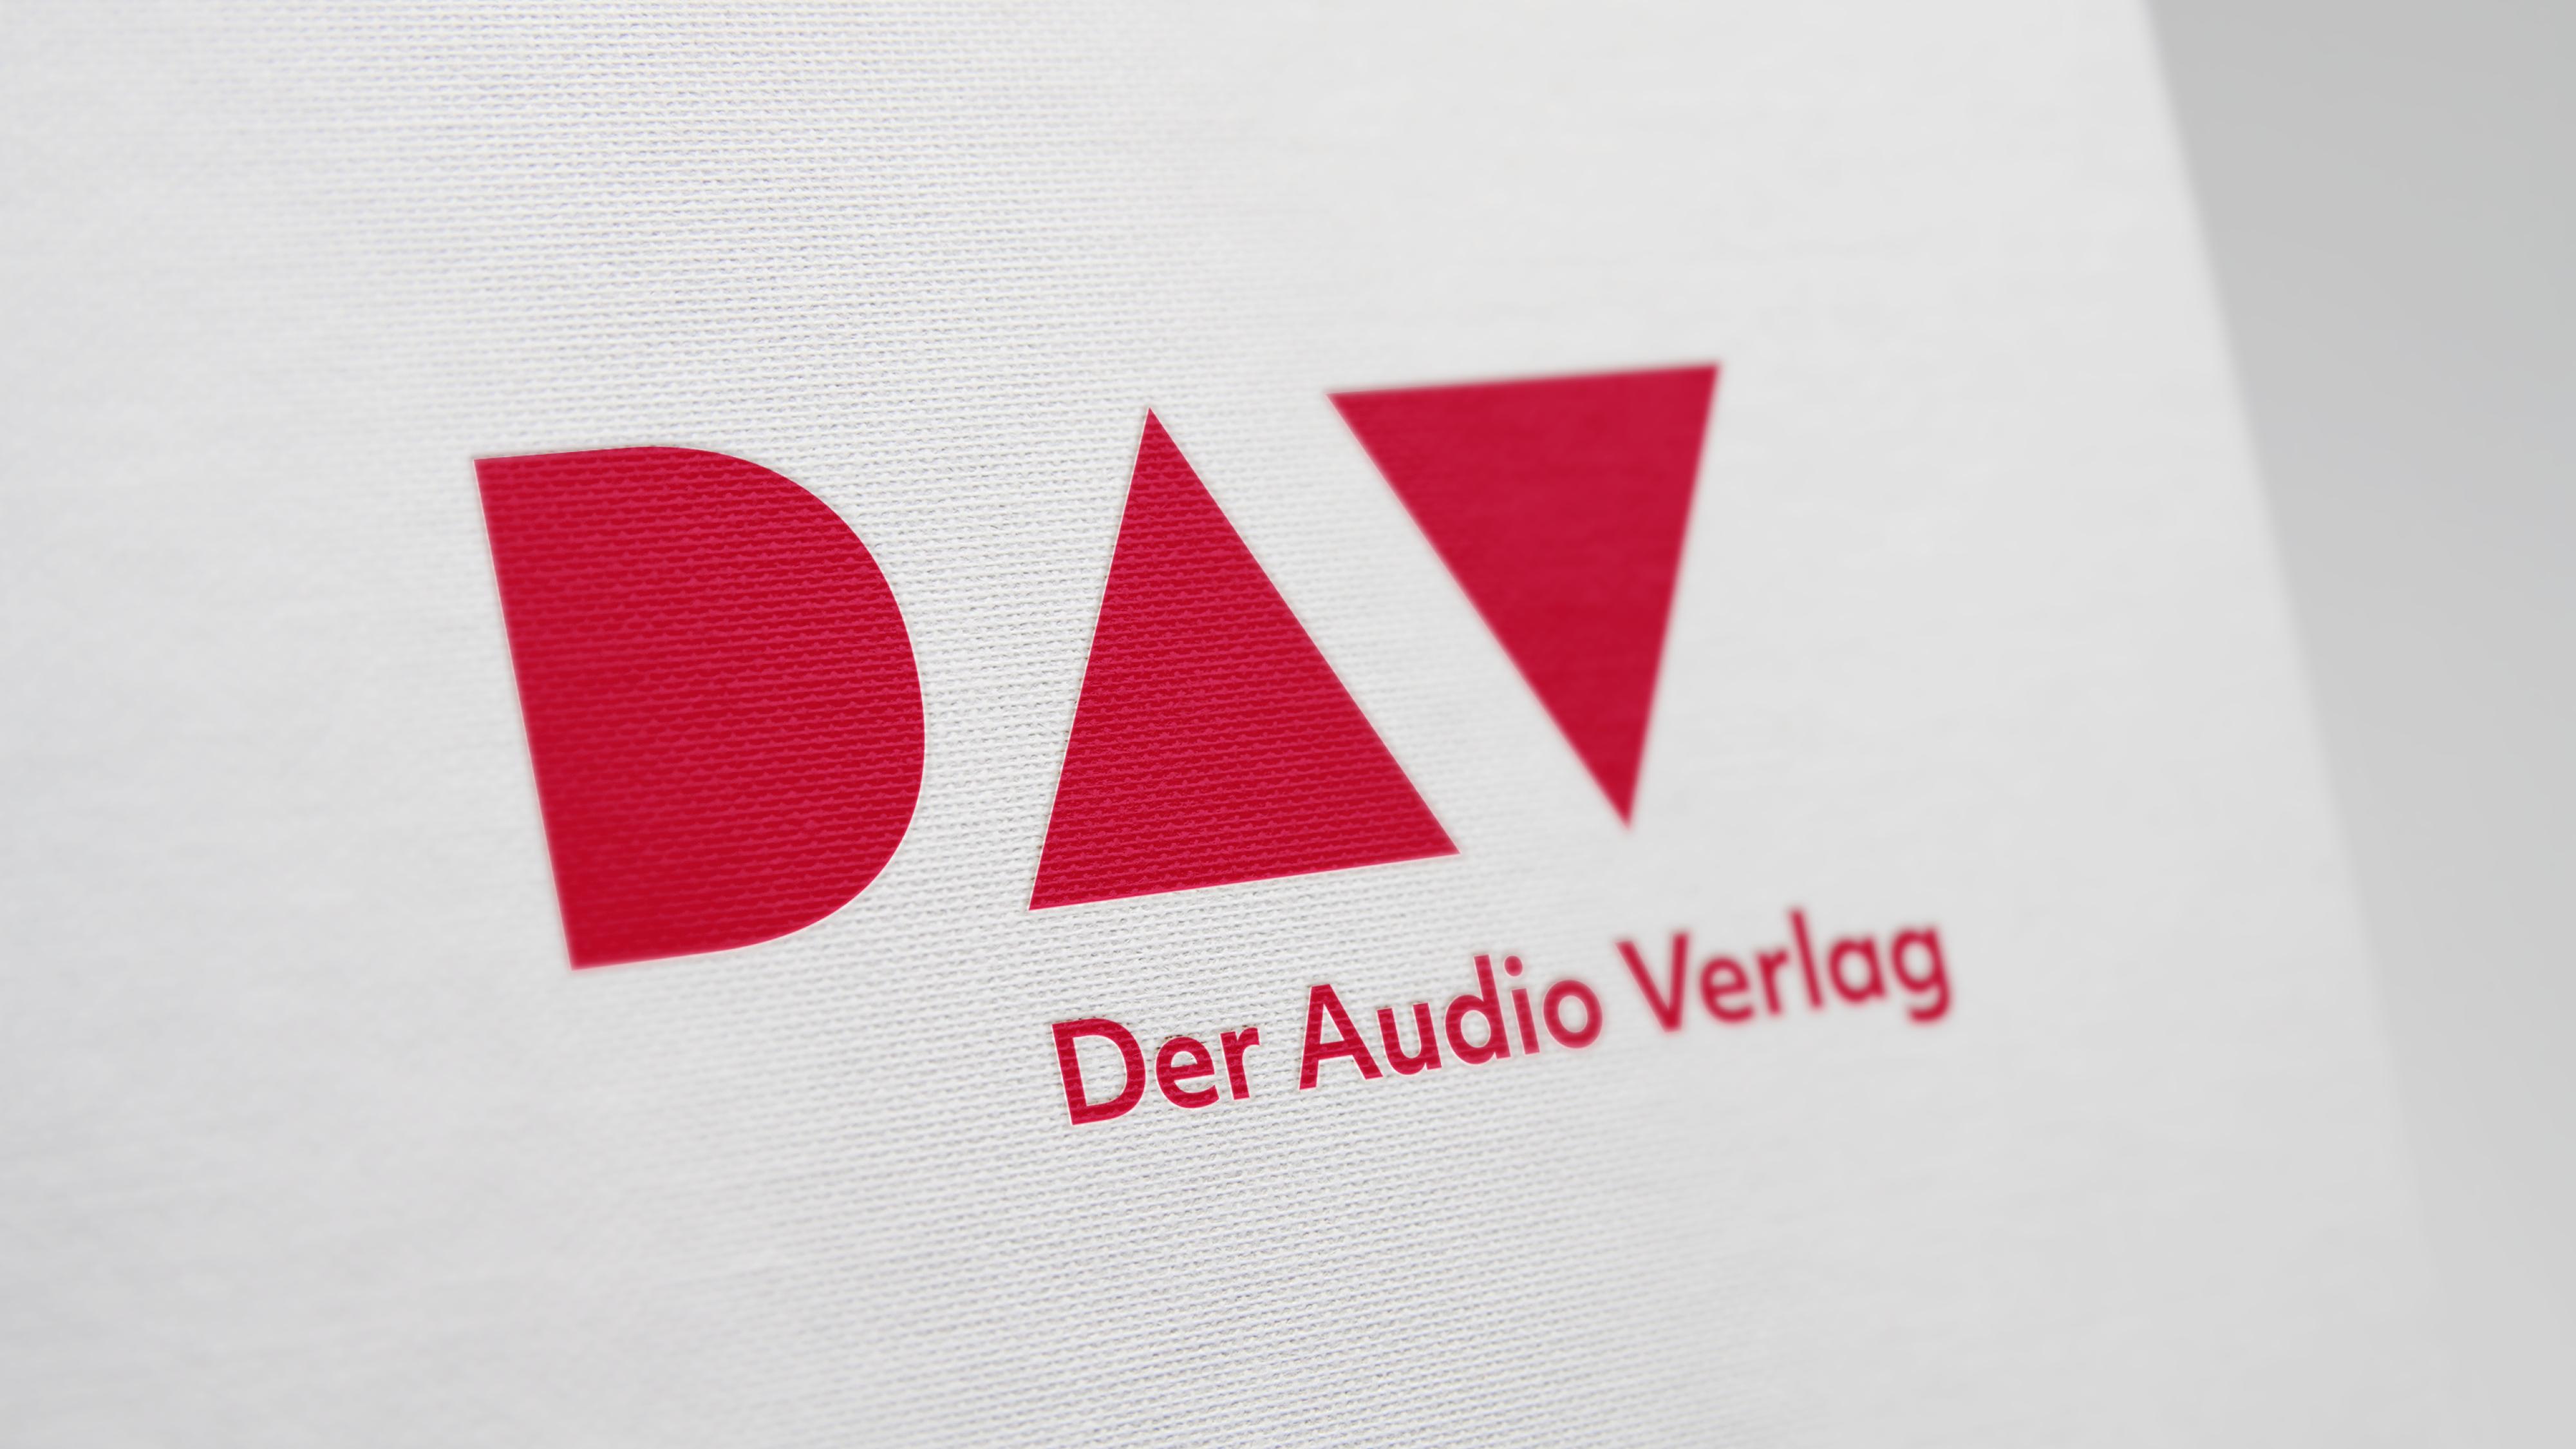 DAV Der Audioverlag Relaunch